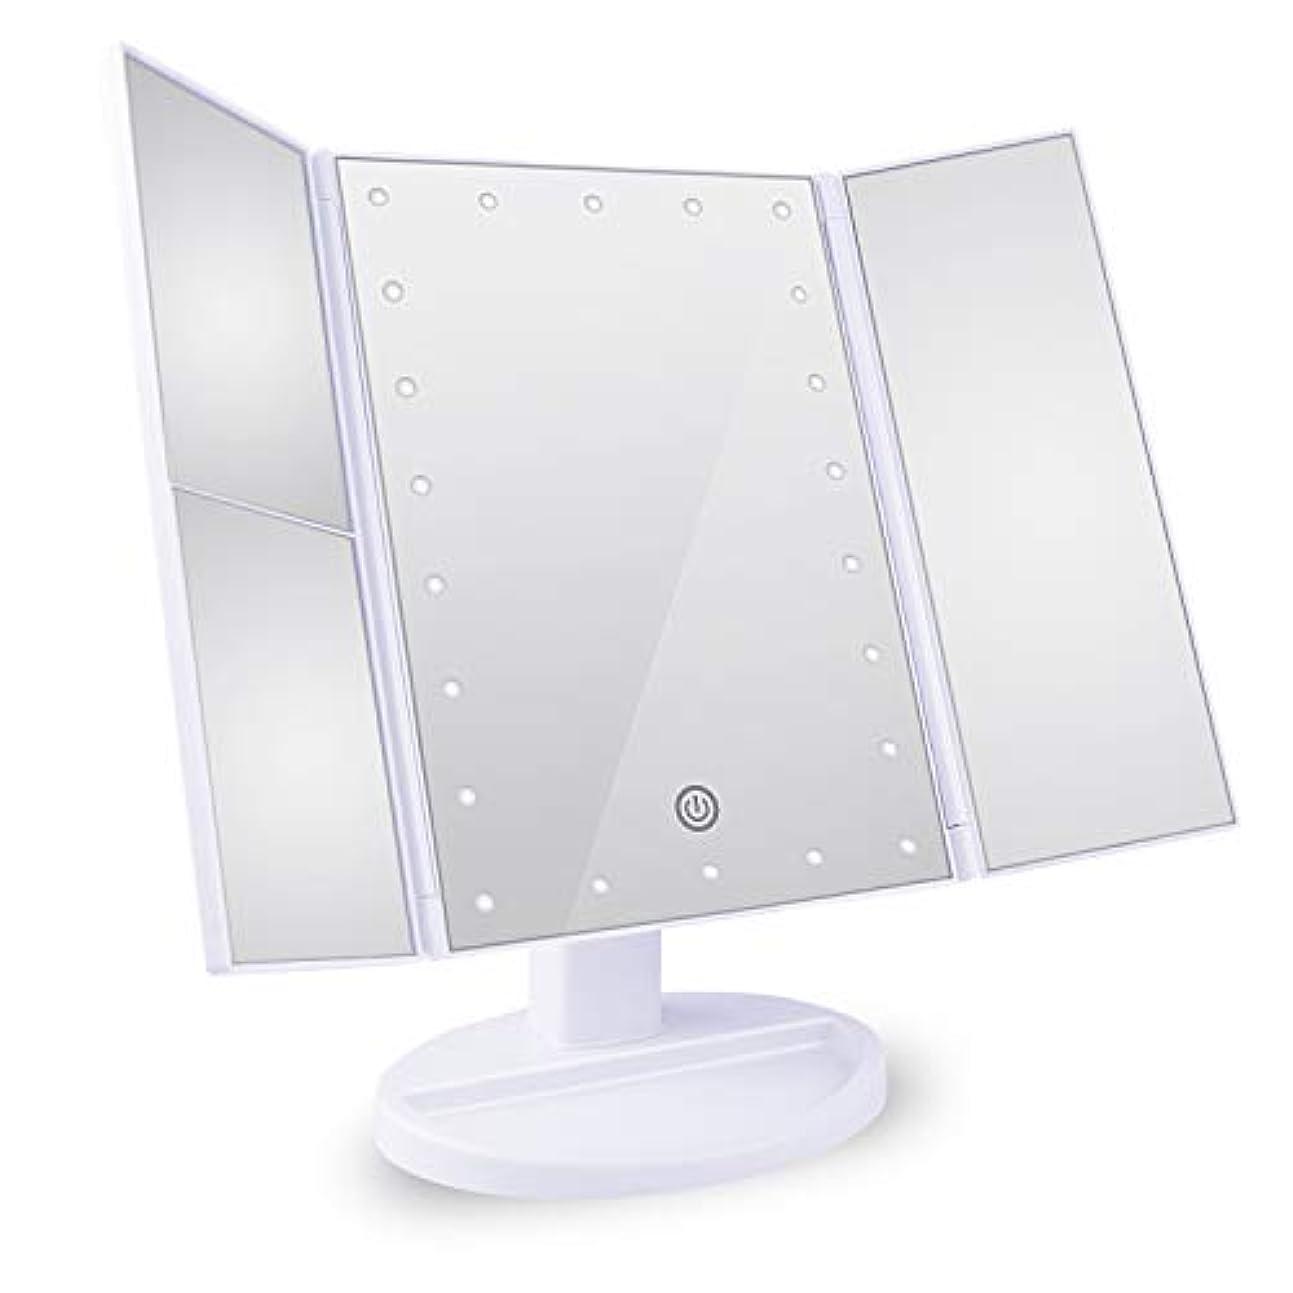 次微弱料理をするTree. NB 化粧鏡 卓上鏡 拡大鏡 鏡 メイクミラー 2倍&3倍拡大可能 LEDライトミラー 明るさ調節可能 180°回転 電池&USB 2WAY給電